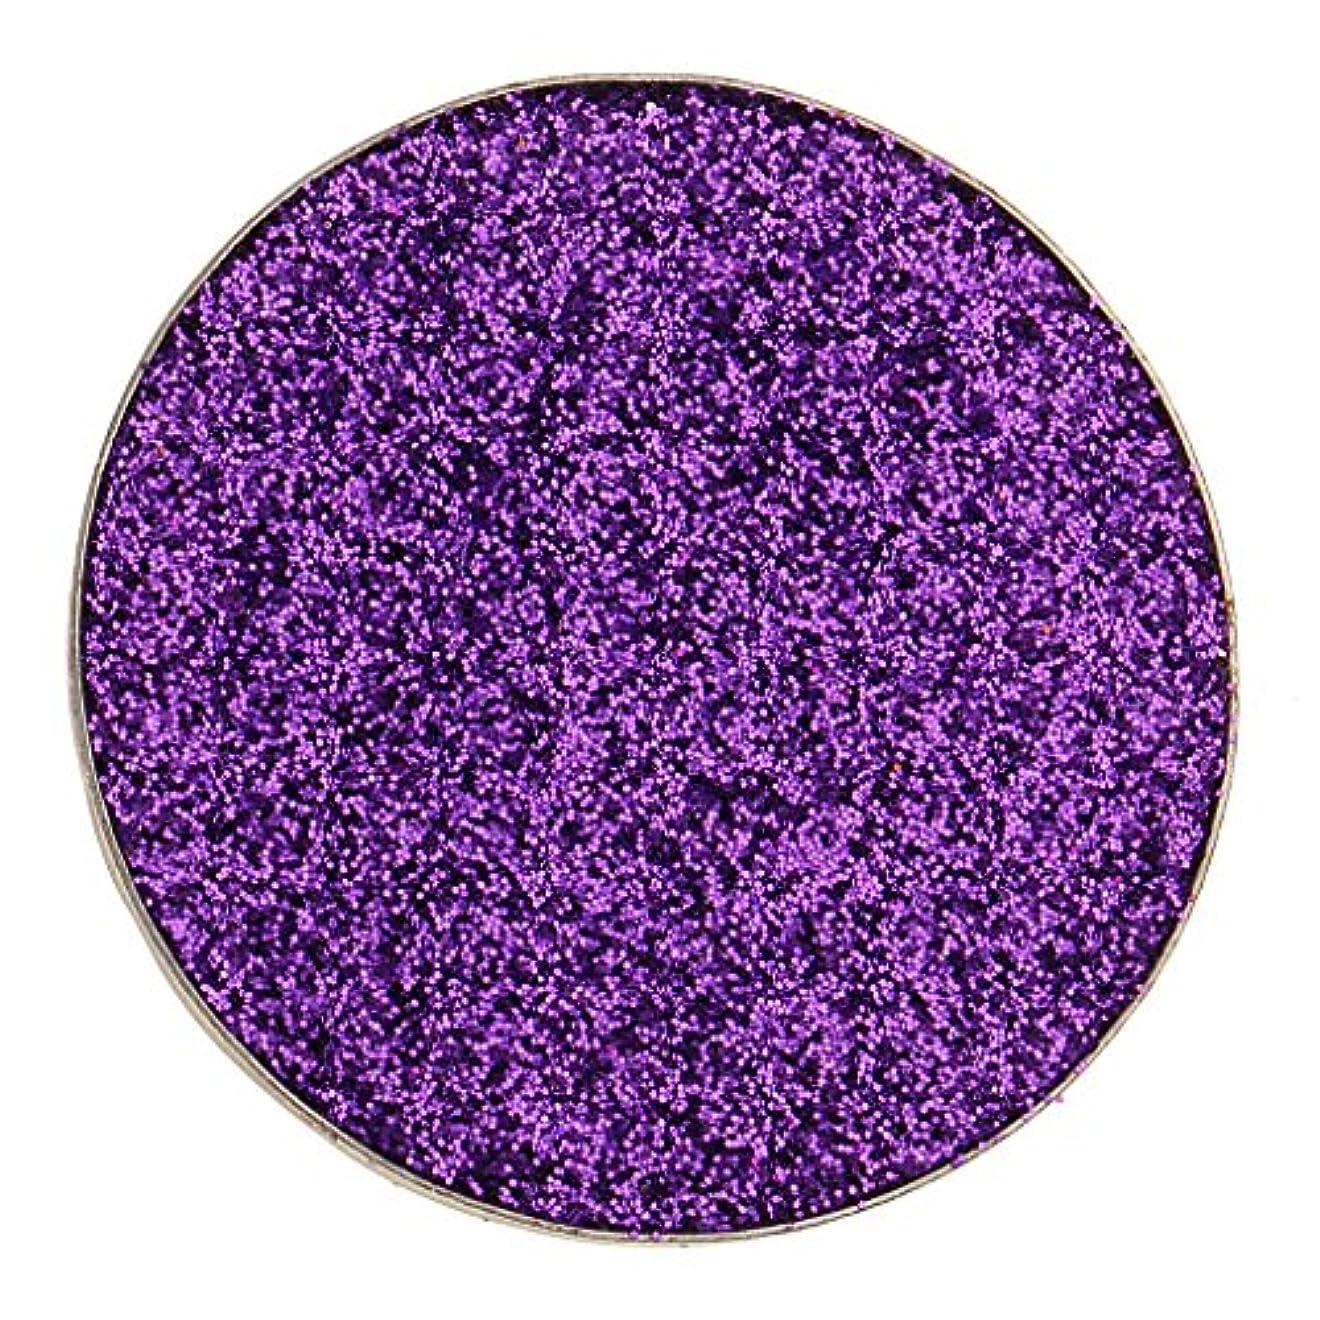 昼食ジェム防水Toygogo スパークリングダイヤモンドキラキラシマーコスメティックメイクアッププレスドパウダーアイシャドウピグメントスモーキーパーティーアイシャドウパレット5色緑赤紫シルバーマルチ - 紫